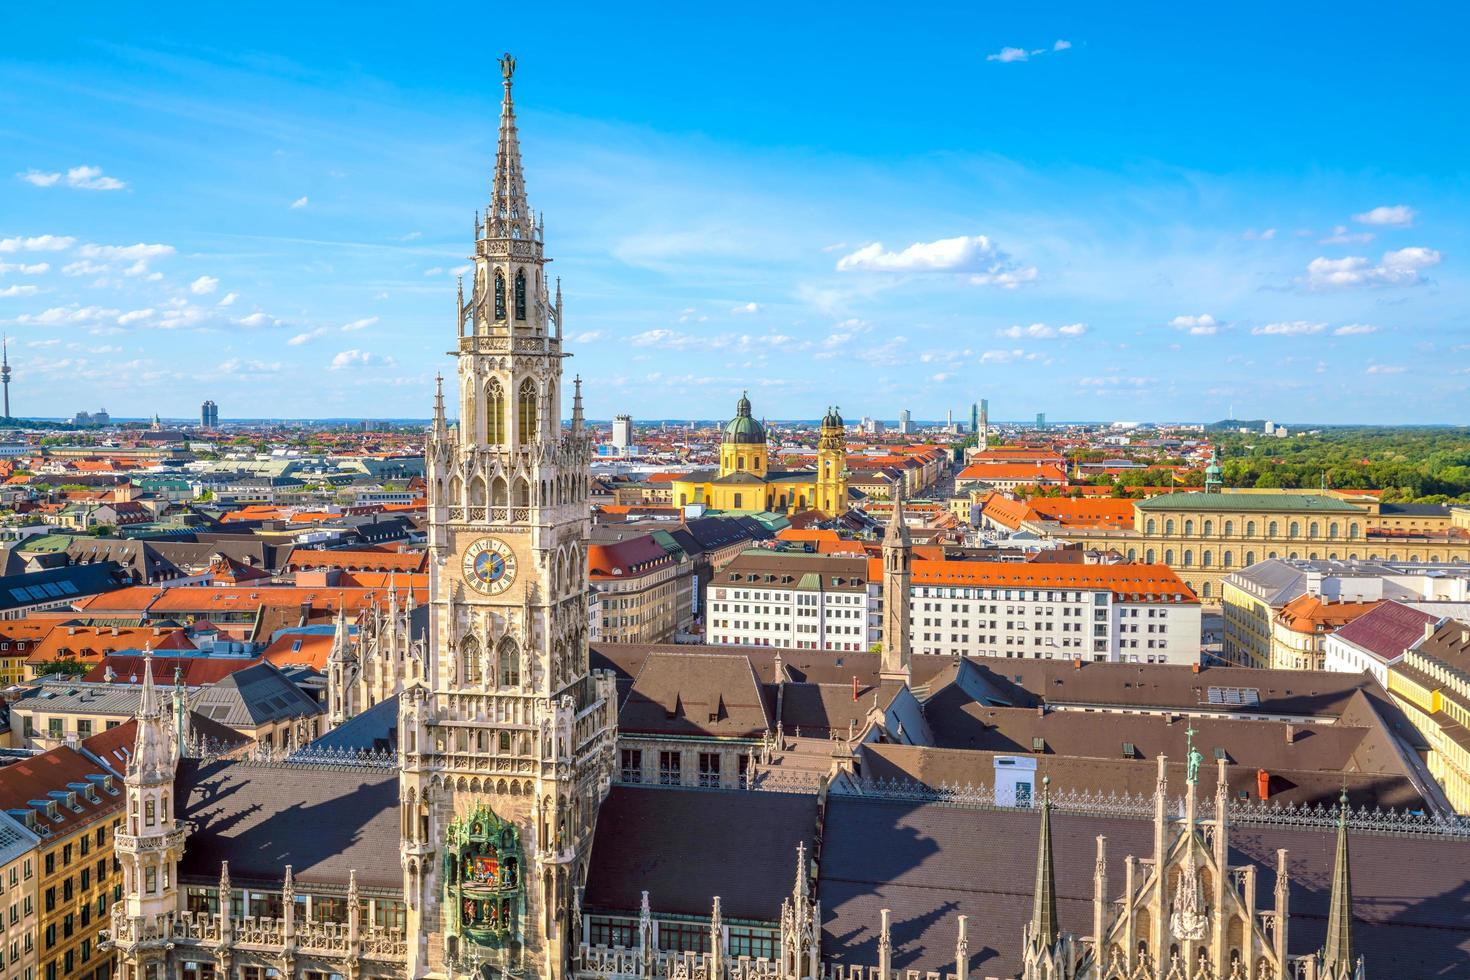 Skyline du centre-ville de Munich photo